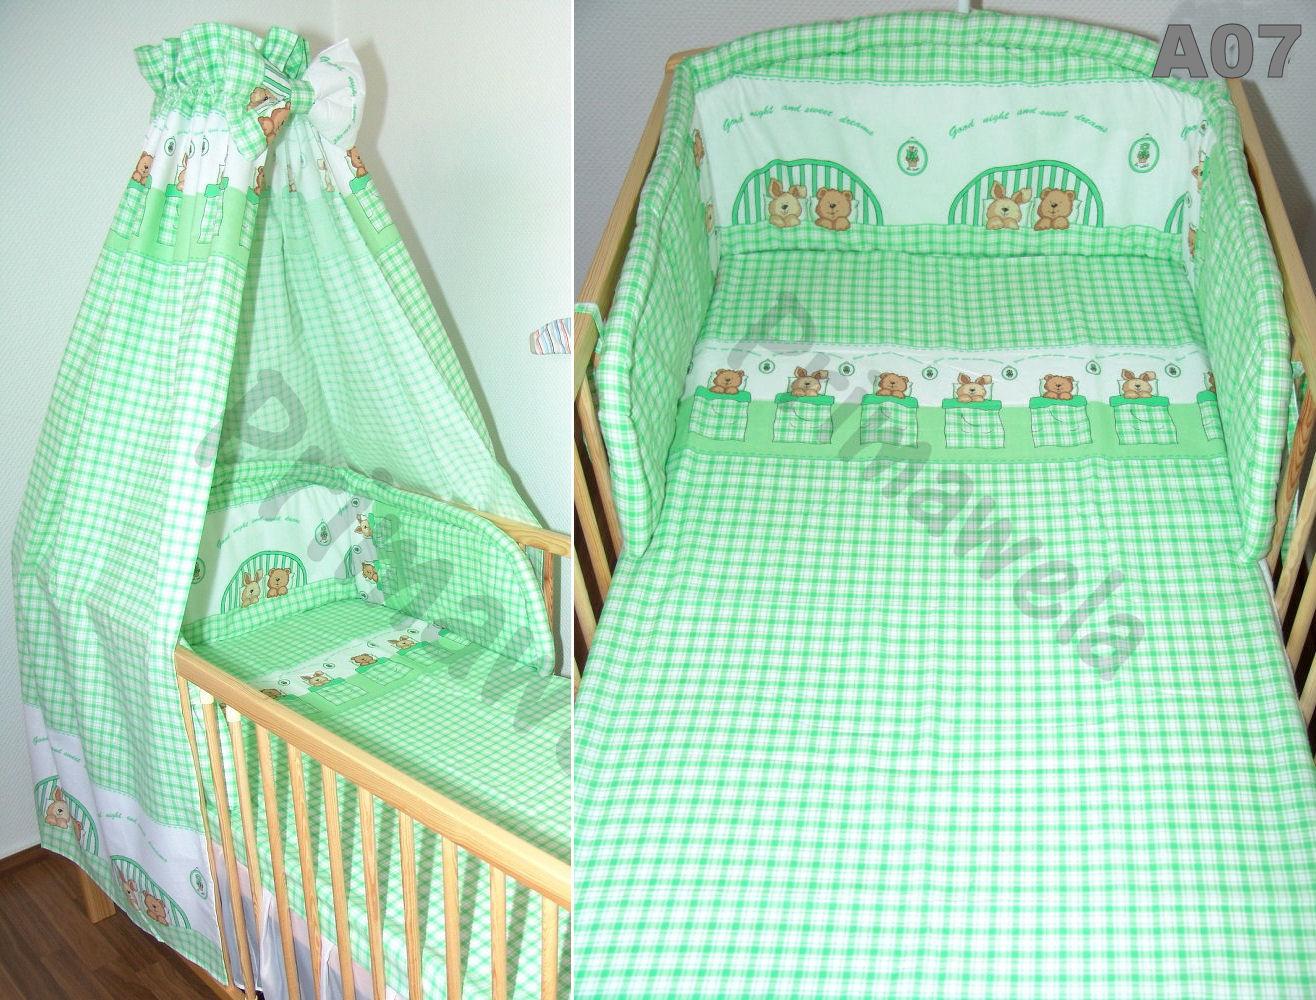 ausverkauf baby bettset 5 teiliges bettw sche himmel nestchen ebay. Black Bedroom Furniture Sets. Home Design Ideas